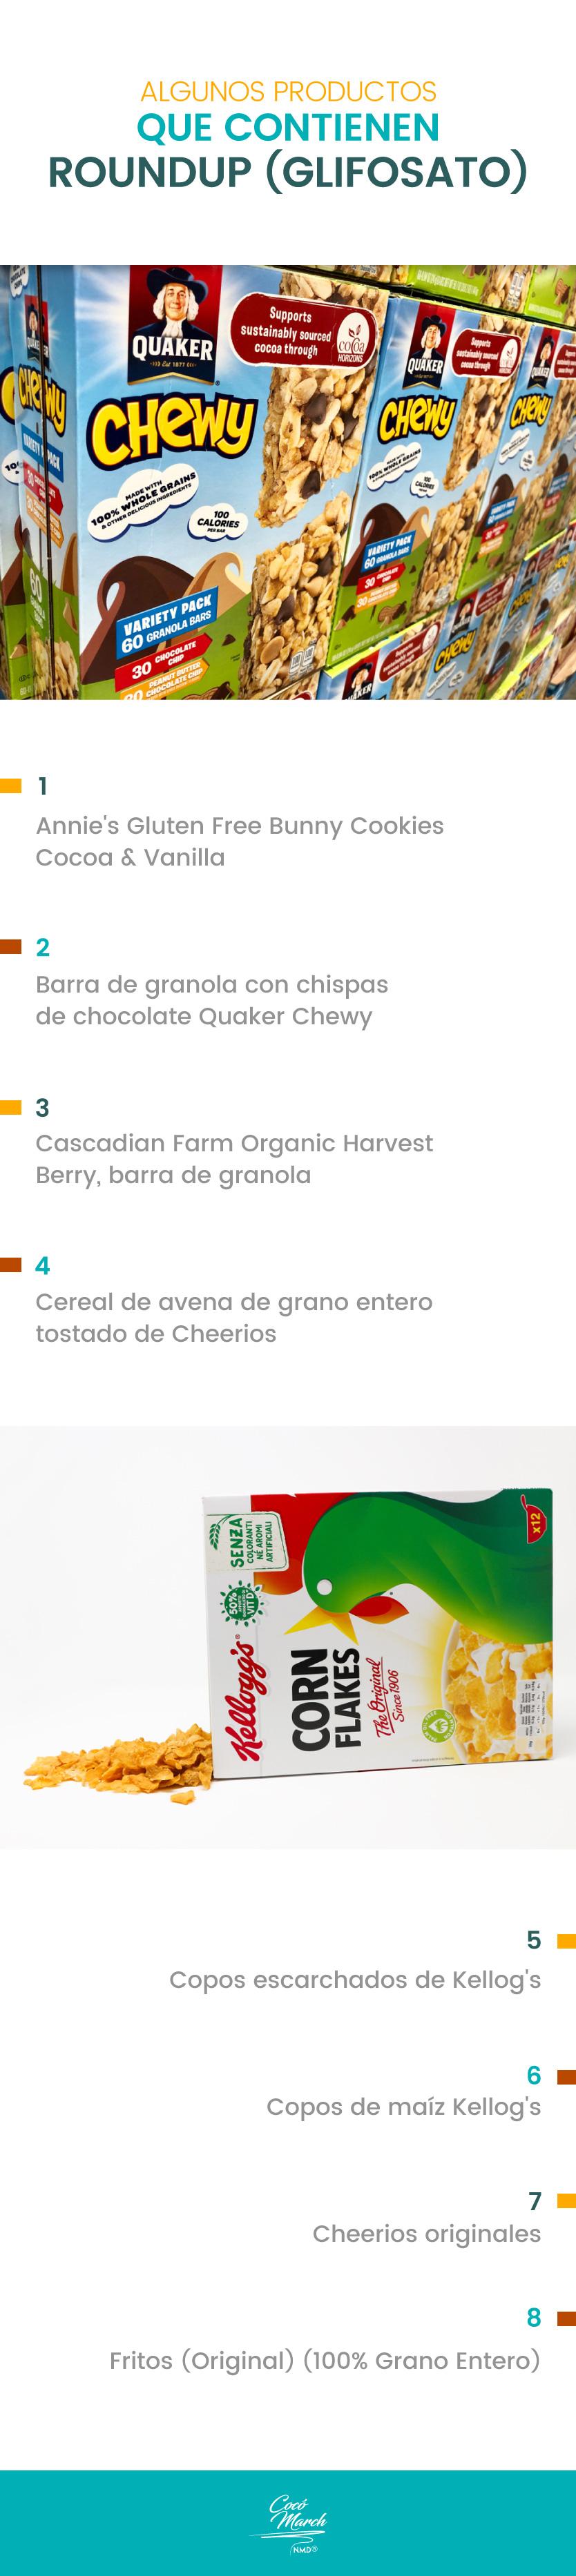 glifosato-productos-que-lo-contienen